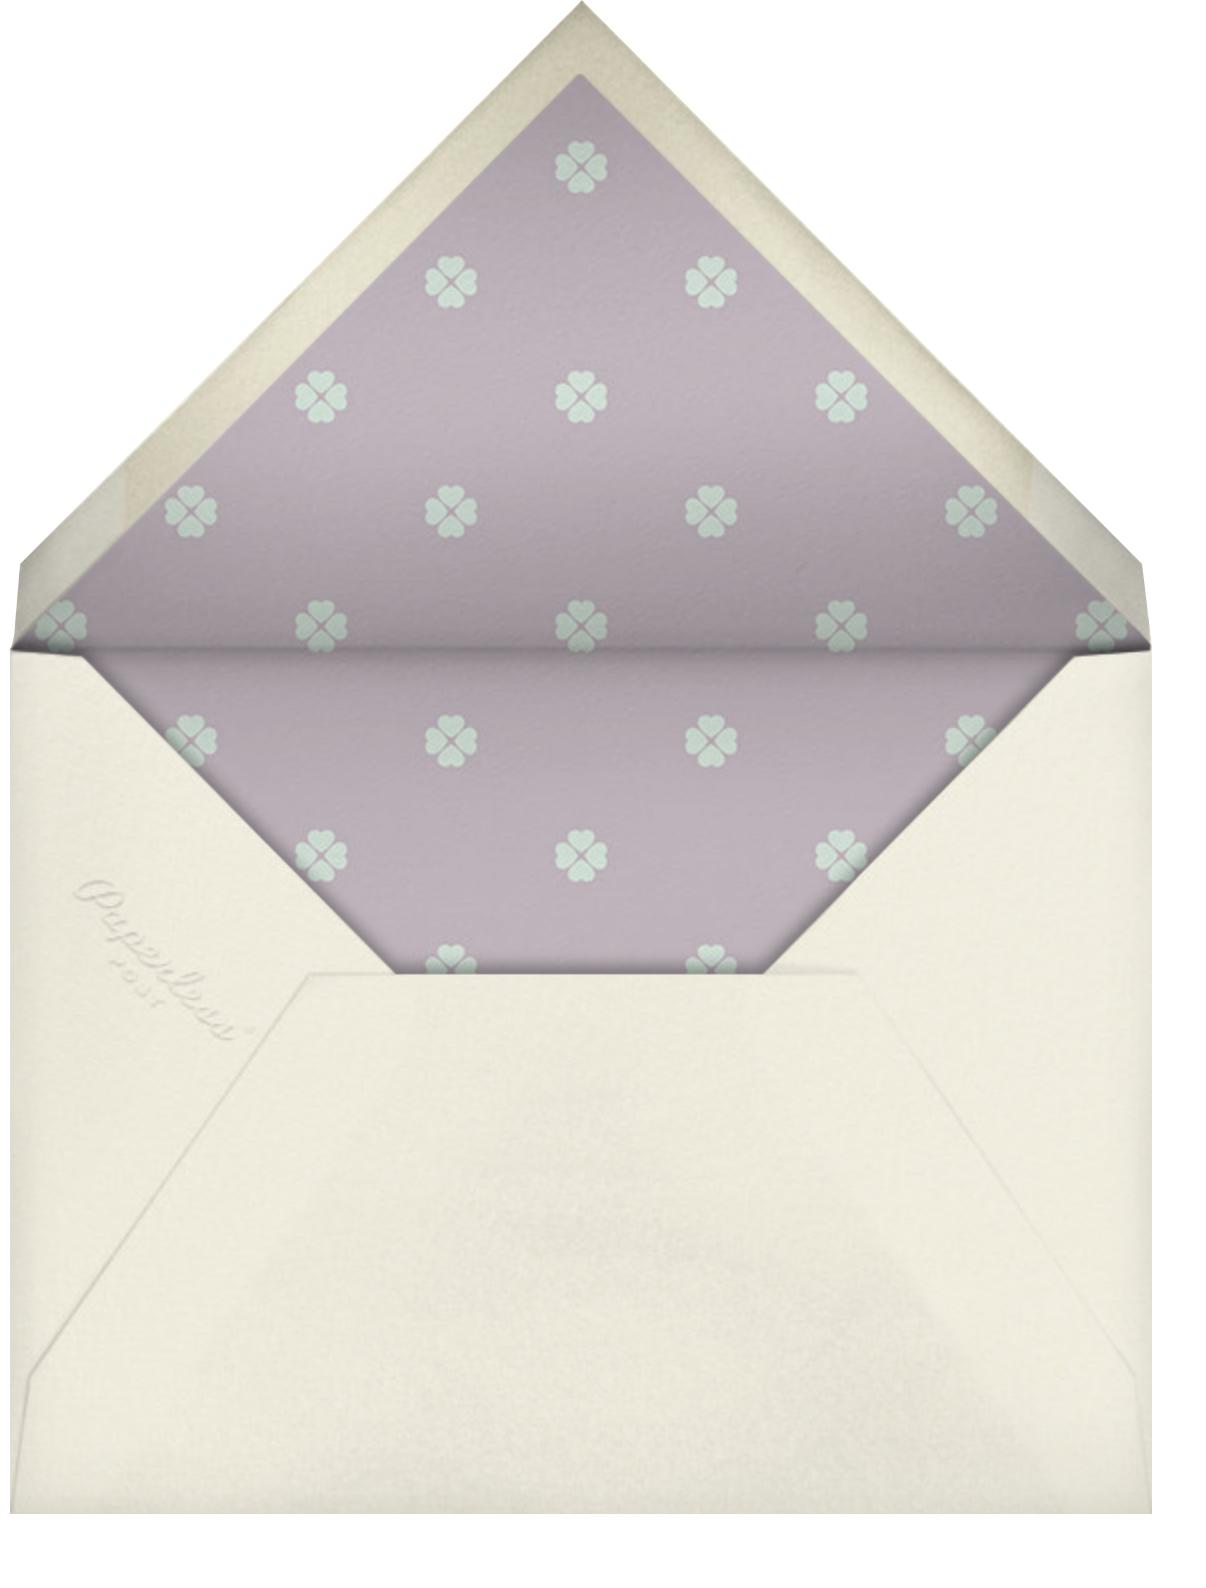 Flower Patch - Antique Pink - kate spade new york - Brunch - envelope back